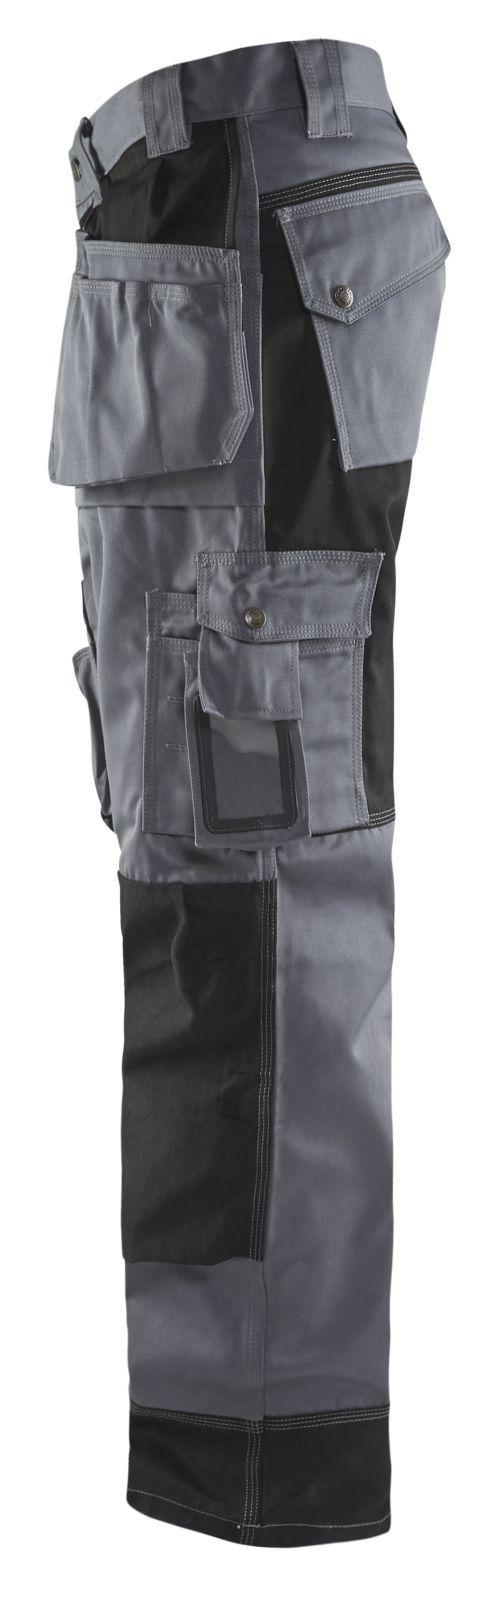 Blaklader Werkbroeken 15041860 grijs-zwart(9499)